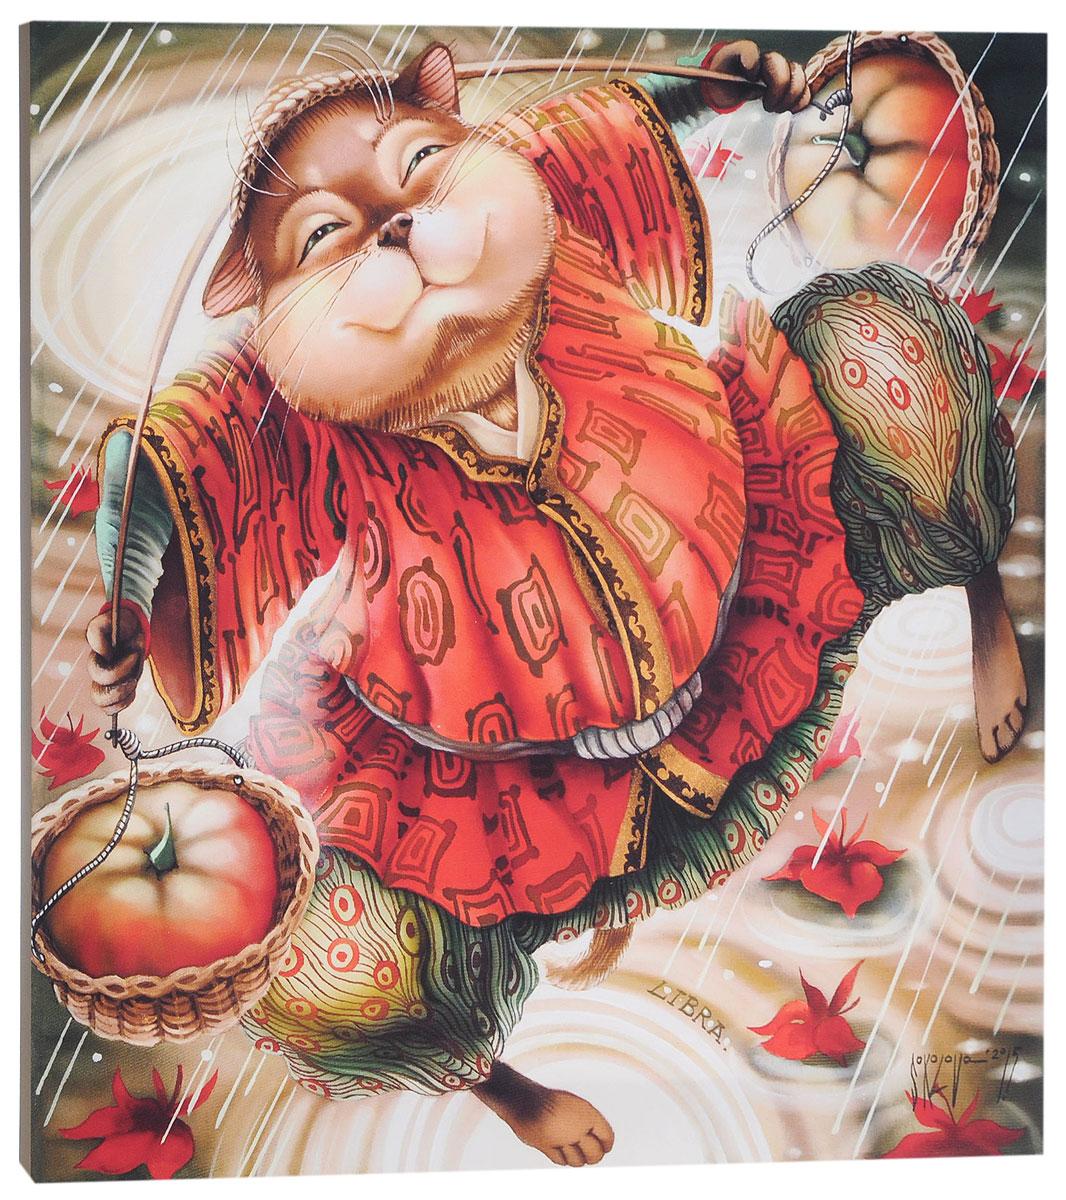 КвикДекор Картина детская ВесыES-412Картина КвикДекор Весы - это прекрасное украшение для вашей гостиной, детской или спальни. Она привнесет в интерьер яркий акцент и сделает обстановку комфортной и уютной.Автор картины - Надежда Соколова - родилась в 1973 году в городе Дрездене. В 1986-1990 годах училась в Художественной школе города Новгорода. В 1995 году окончила с отличием рекламное отделение Новгородского училища культуры. В 2000 году защитила диплом на факультете Искусств и Технологий НовГУ имени Ярослава Мудрого. Выставляется с 1996 года. Работает в техниках: живопись, графика, батик, лаковая миниатюра, авторская кукла. Является автором оригинального стиля в миниатюре.Изделие представляет собой картину с латексной печатью на натуральном хлопчатобумажном холсте. Галерейная натяжка на деревянный подрамник выполнена очень аккуратно, а боковые части картины запечатаны тоновой заливкой. Обратная сторона подрамника содержит отверстие, благодаря которому картину можно легко закрепить на стене и подкорректировать ее положение.Картина Весы - это отличный подарок и эффектное интерьерное украшение.